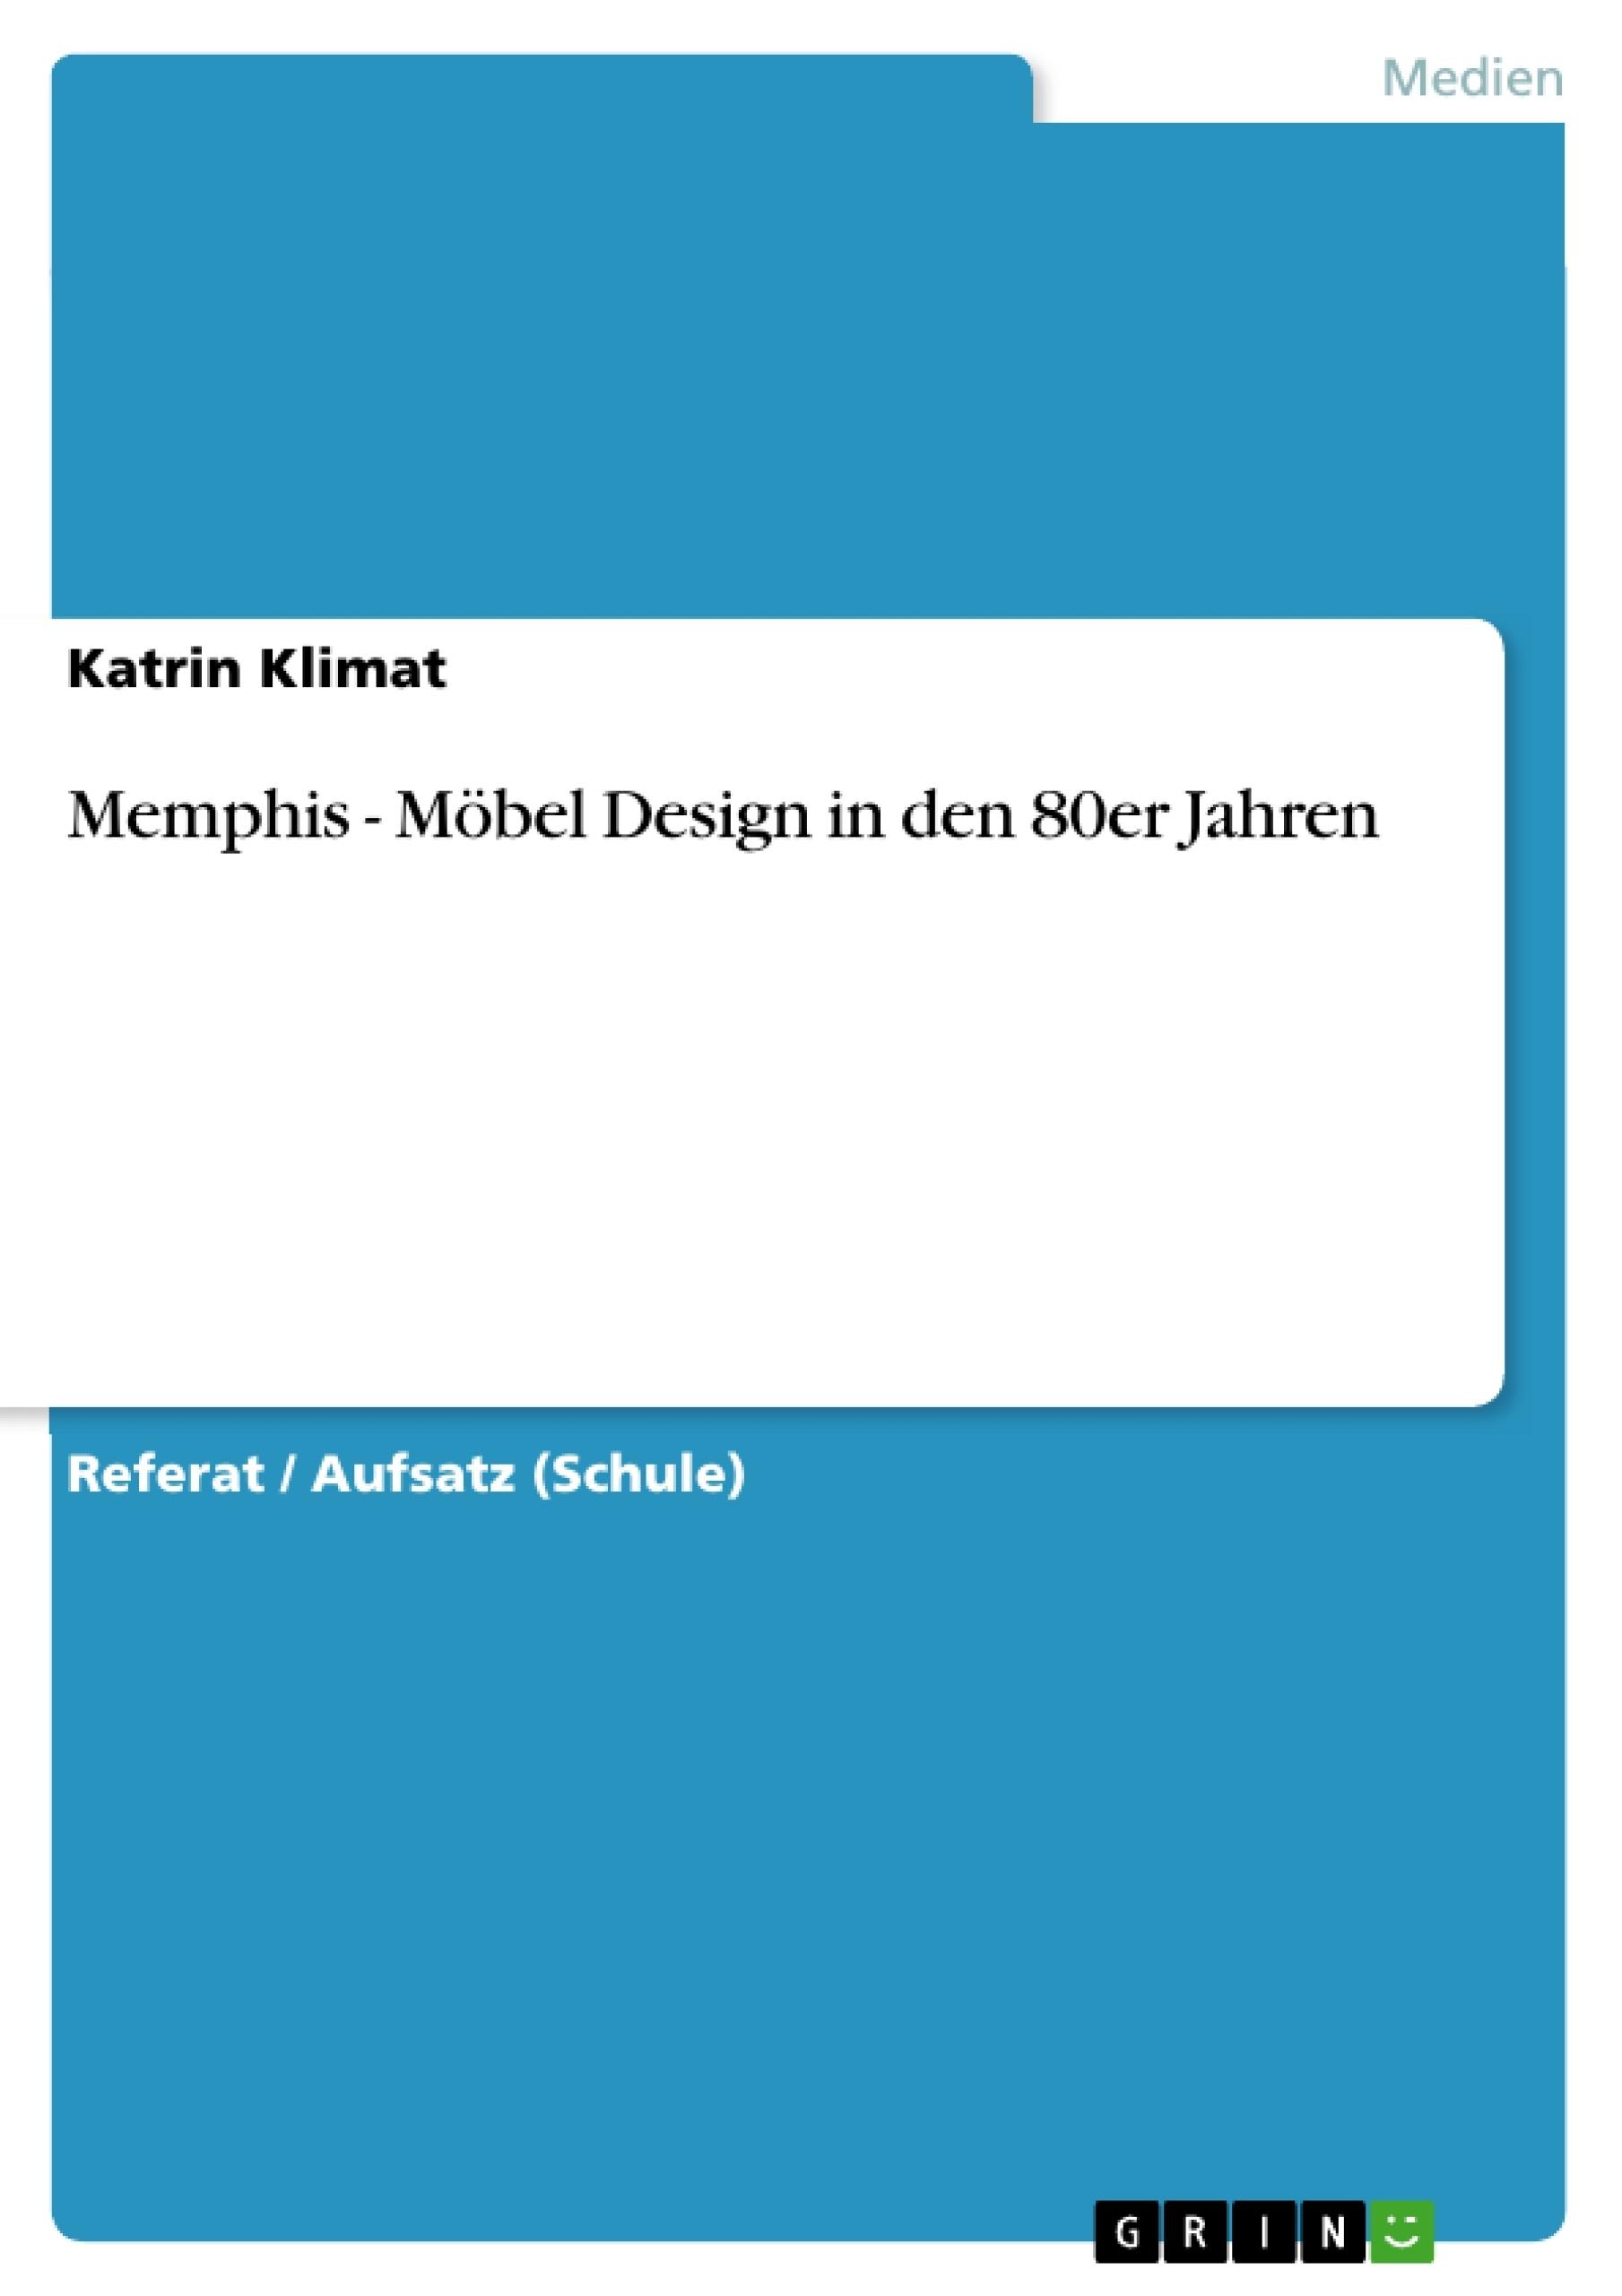 Titel: Memphis - Möbel Design  in den 80er Jahren